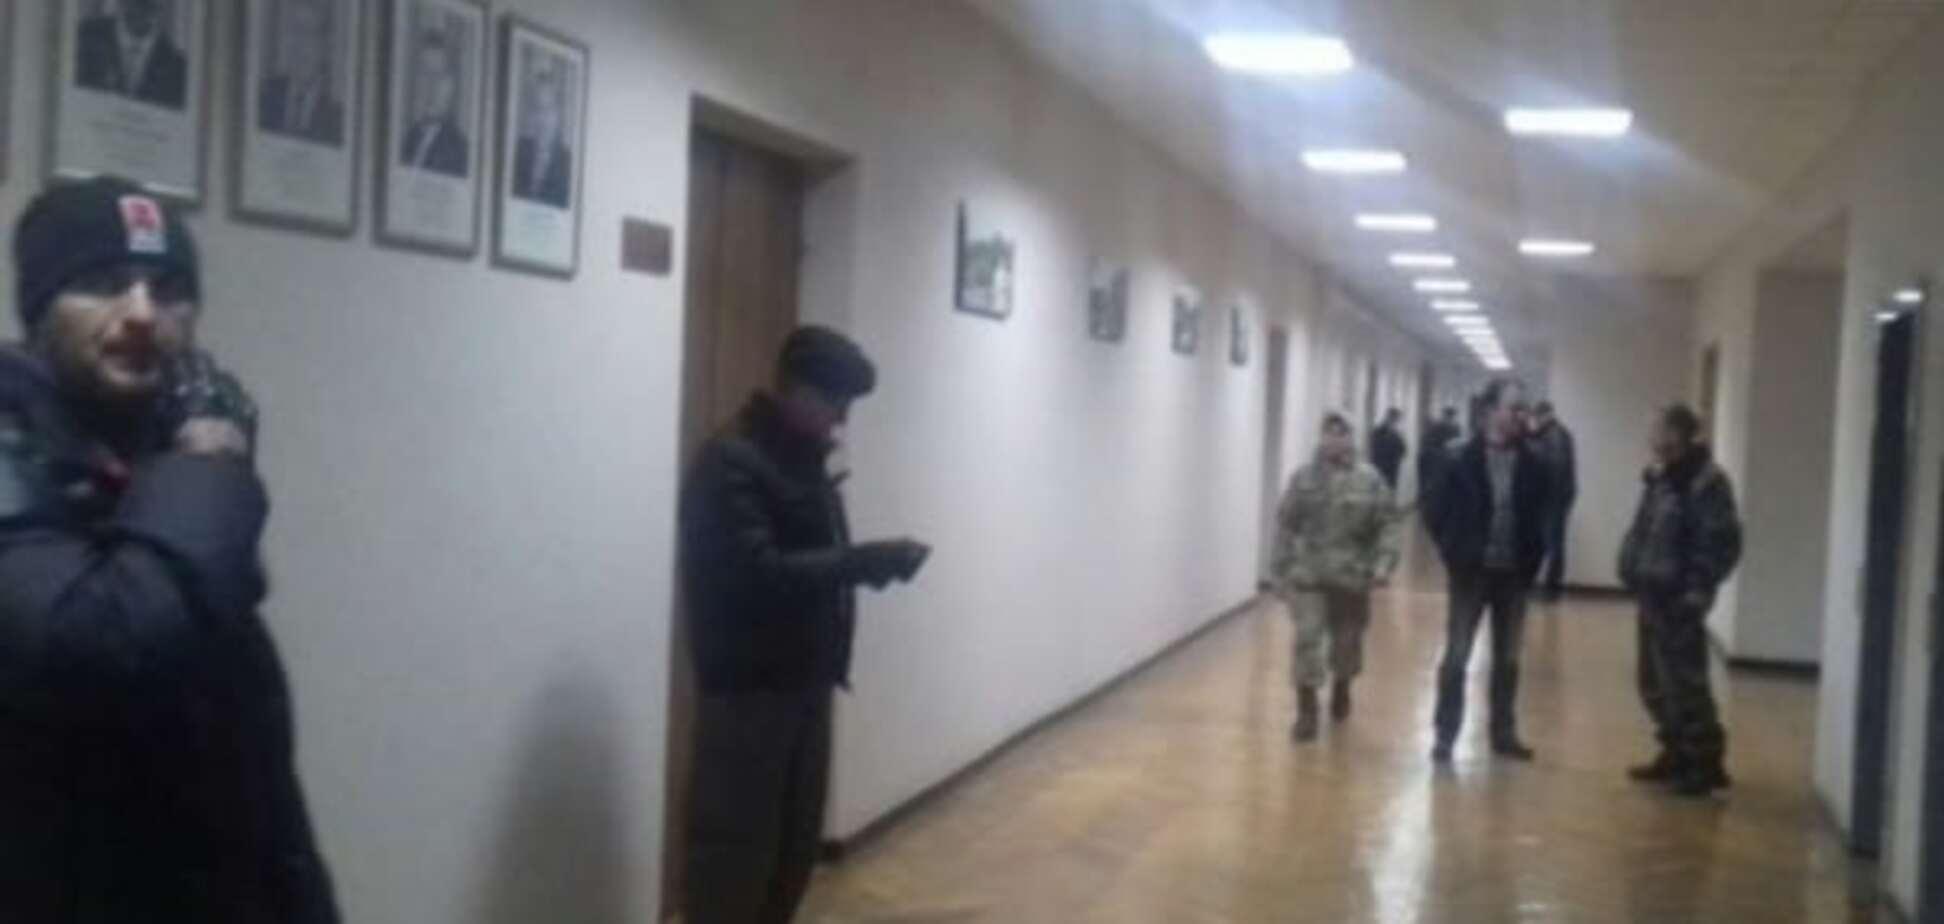 Активісти 'взяли під охорону' мерію Кривого Рогу: опубліковані фото